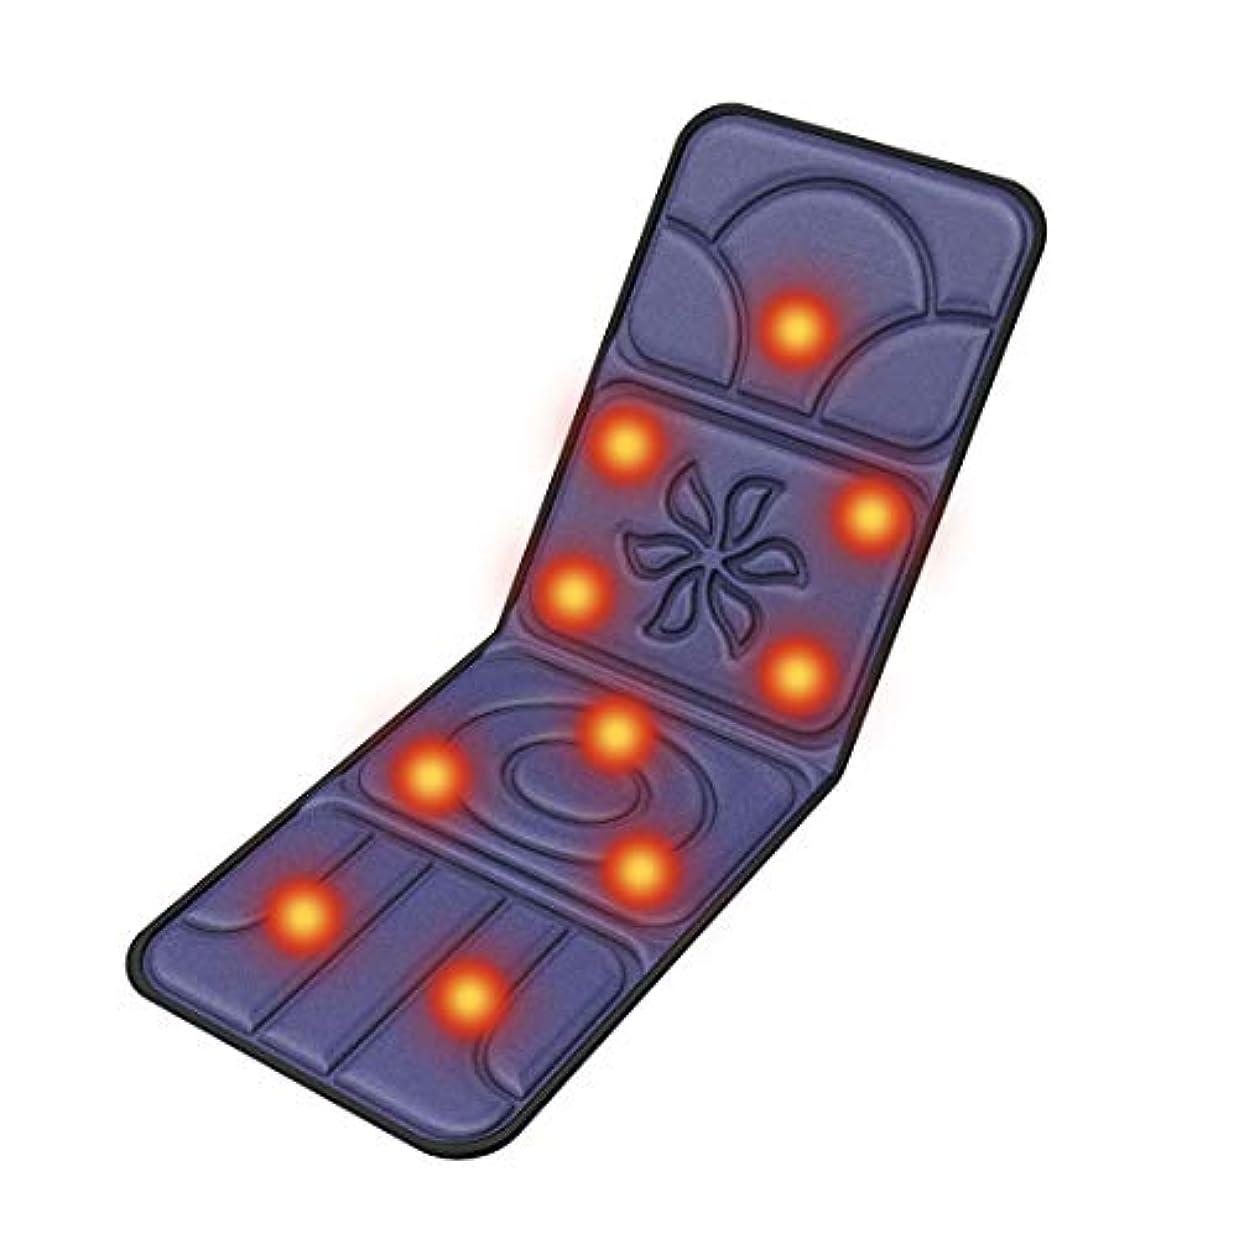 実行可能順応性のある保存するDOOB マッサージマットレス スリープ折りたたみ床 マッサージ機 マッサージ クッション シート マットレス チェア 電動 パッド 10つのもみ玉